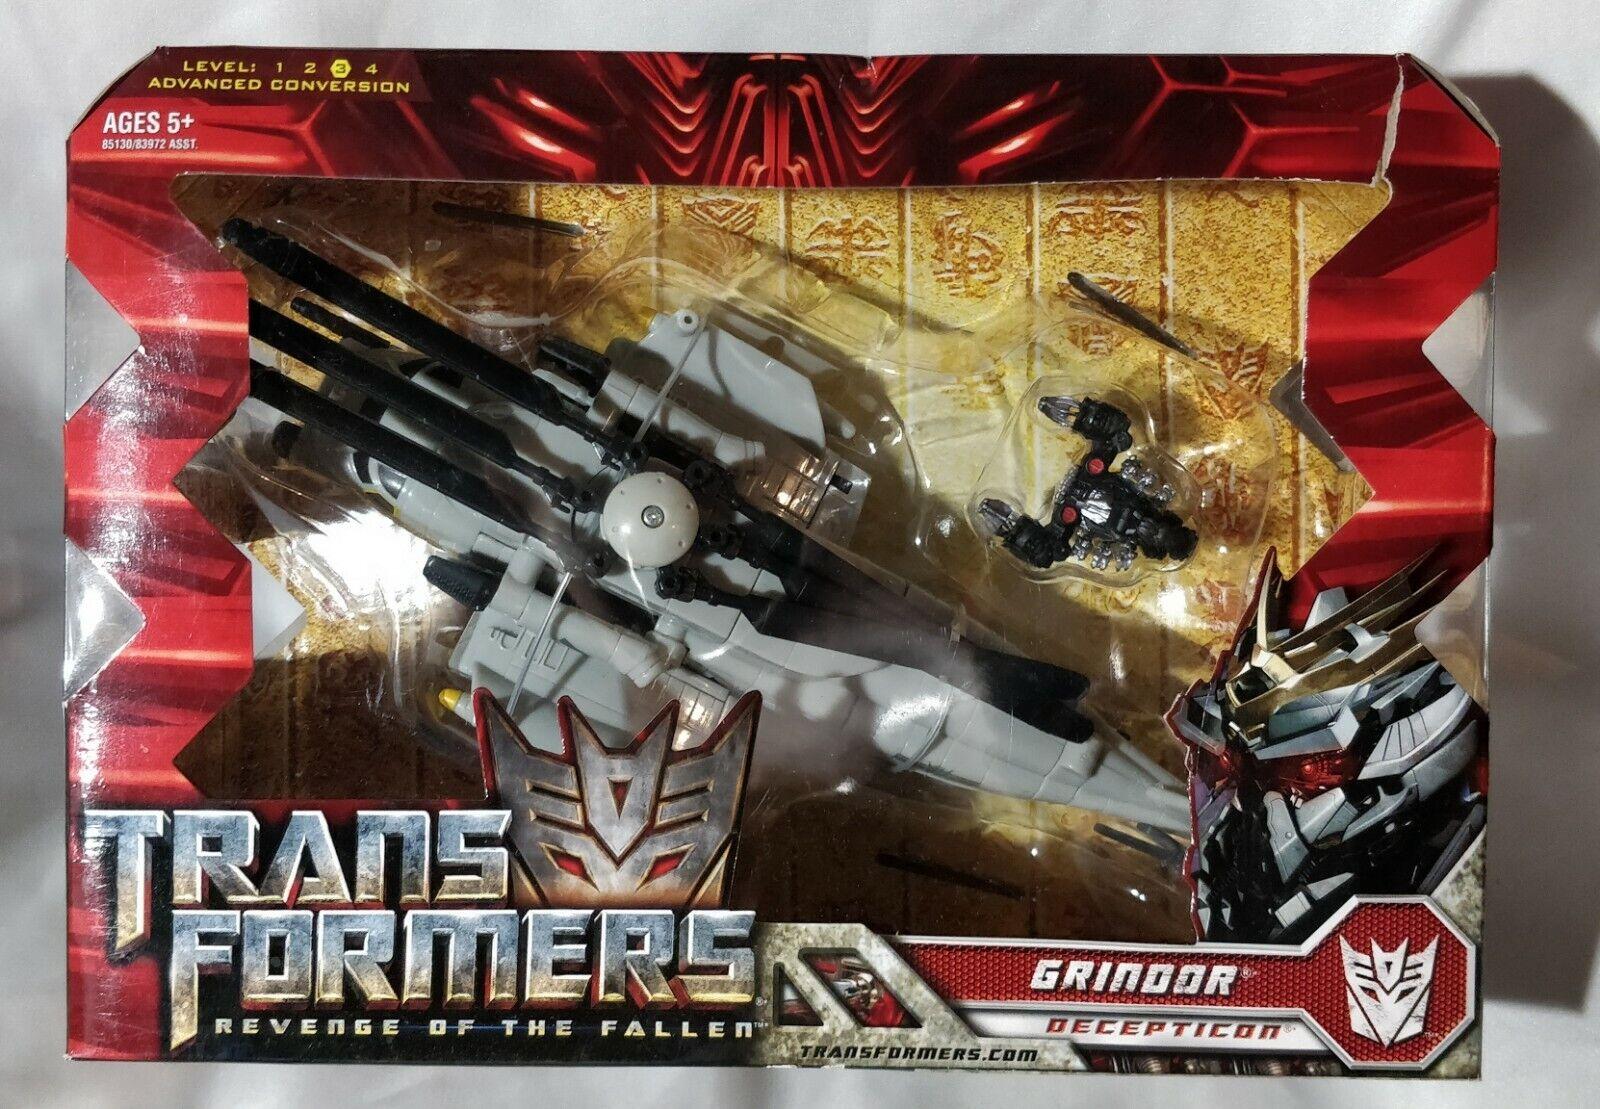 Hasbro Transformers Grindor Voyager classee rossoF Decepticon RARE azione  cifra  bellissima